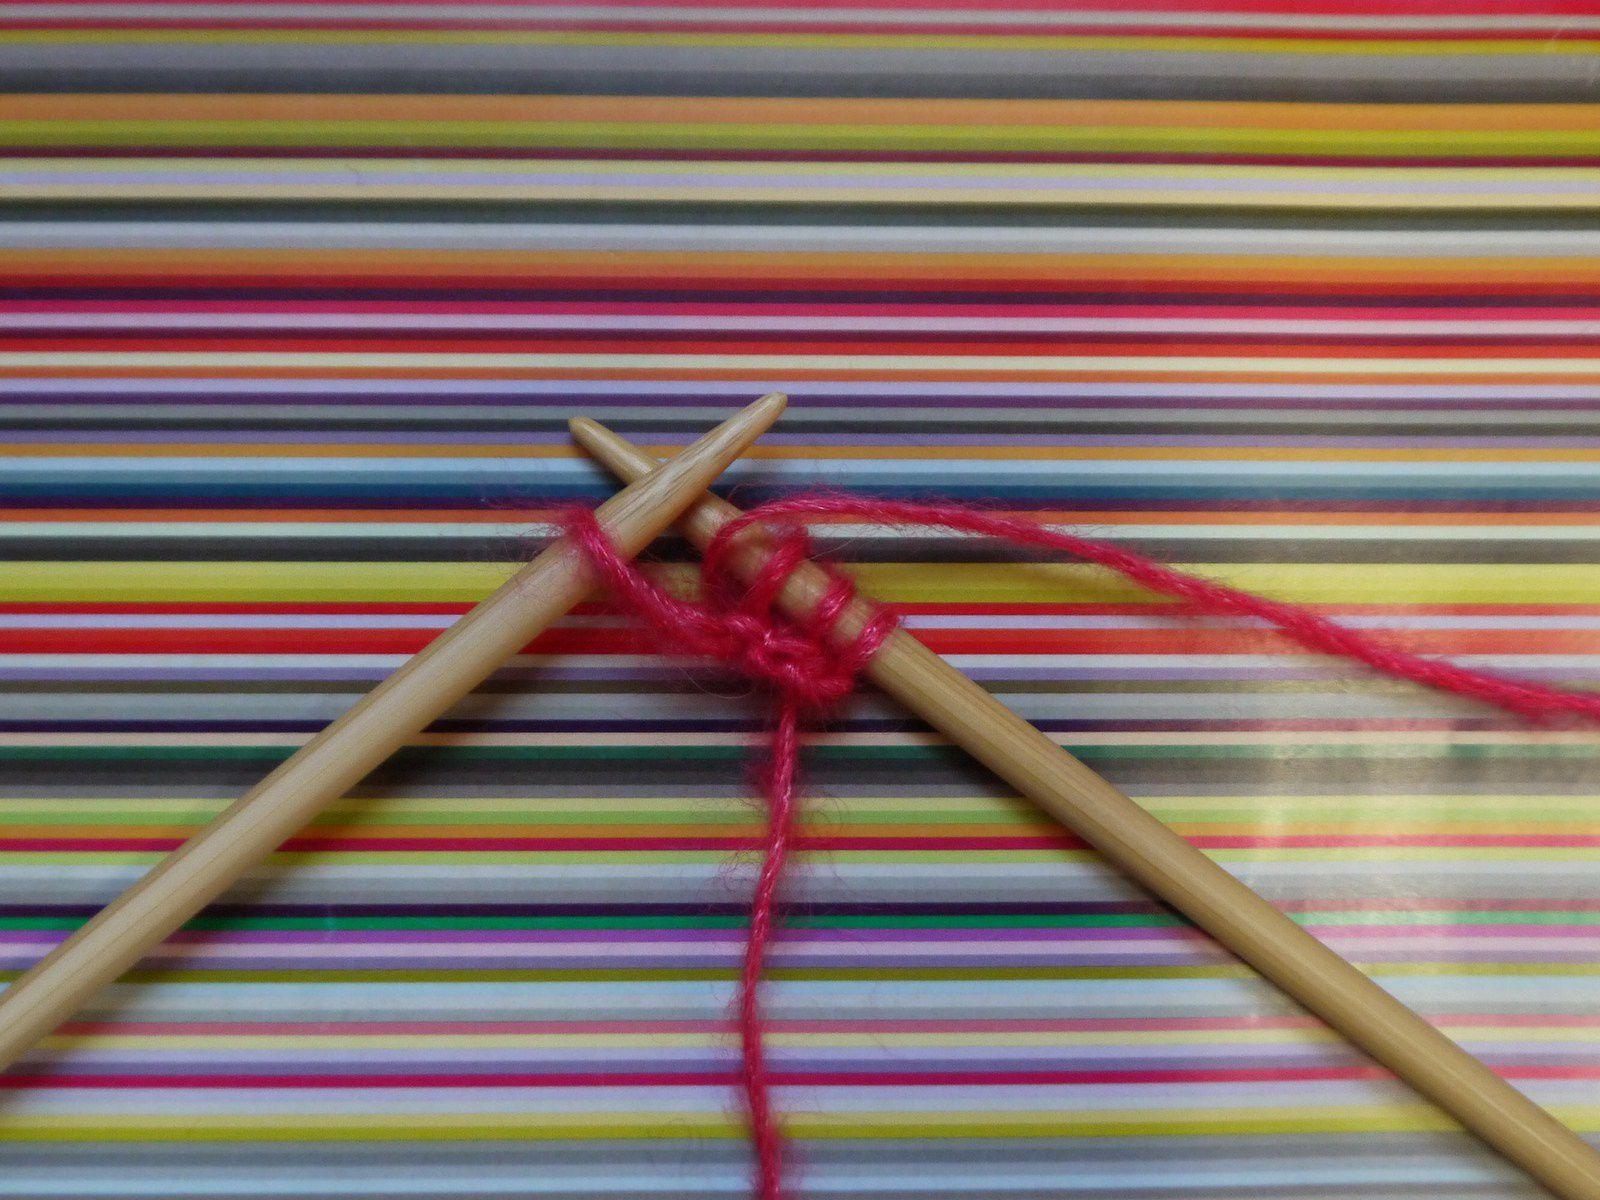 Tricoter les 3 pemières mailles au point mousse et faire un jeté avant la dernière maille